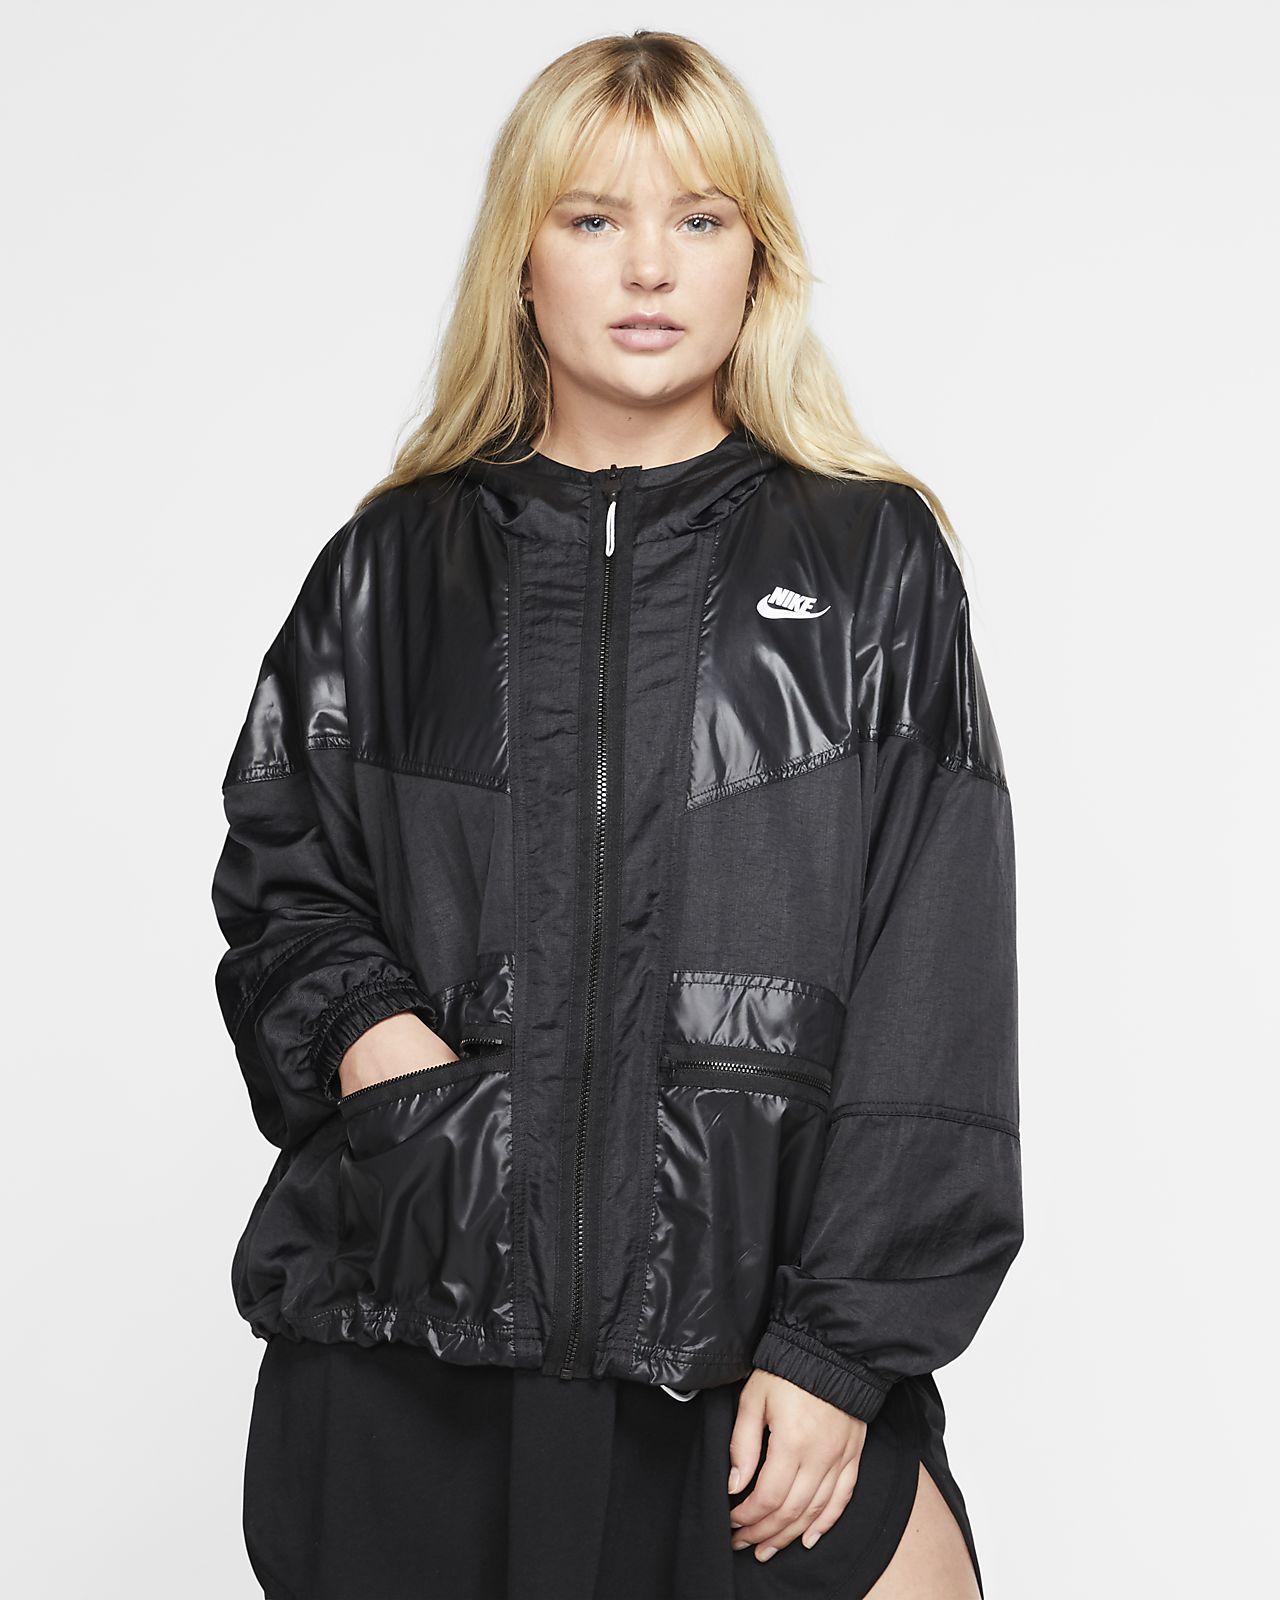 oben Damen Jacke Nike Sportswear Windrunner A31t93Wd